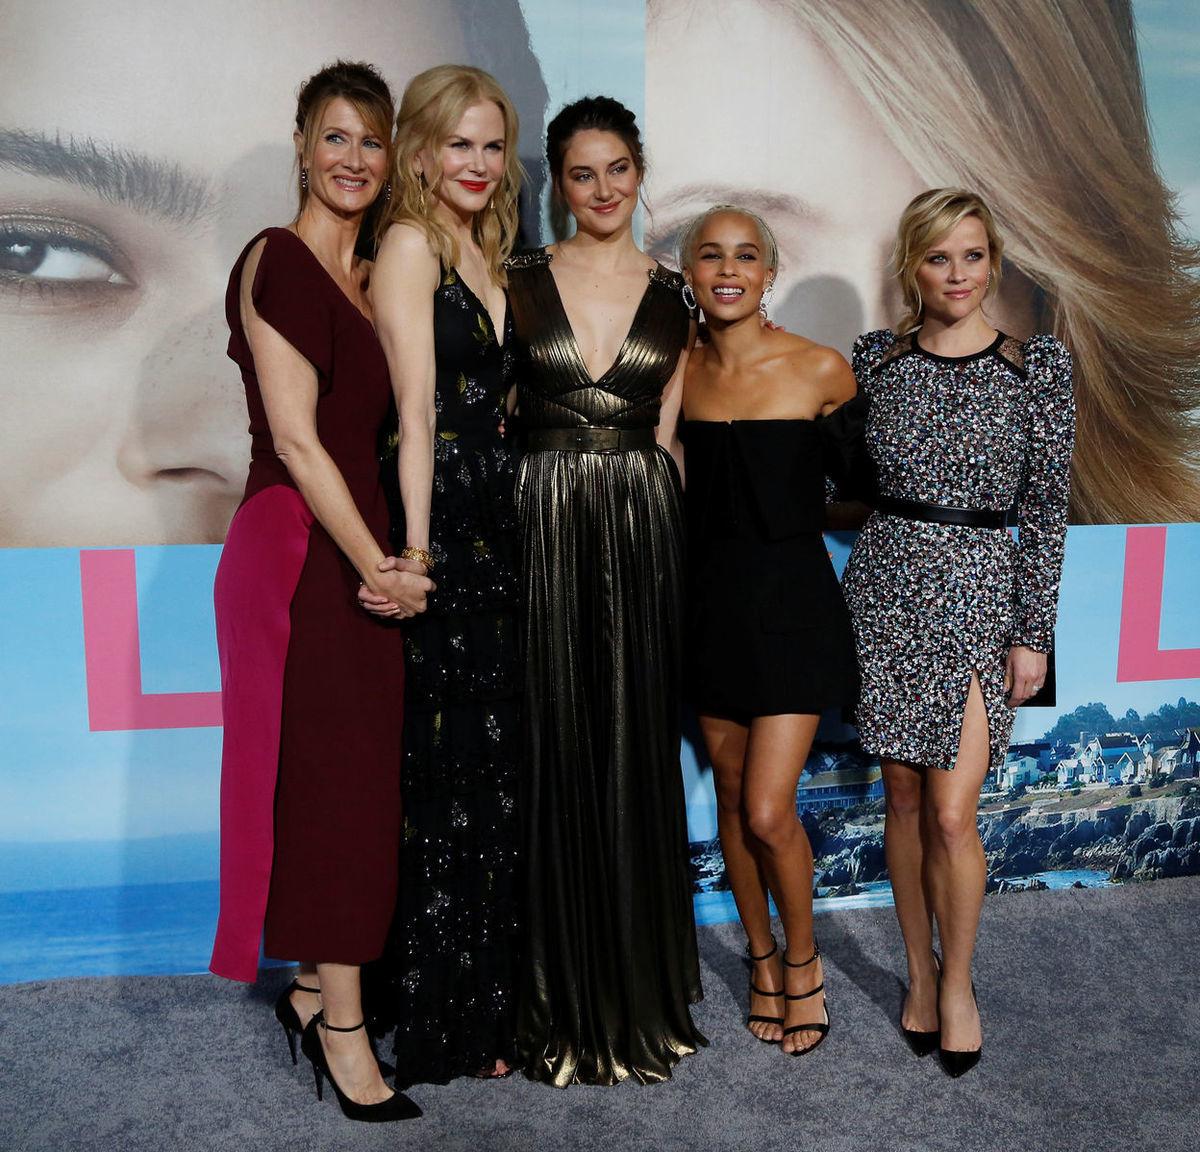 Zľava: Herečky Laura Dern, Nicole Kidman, Shailene Woodley, Zoe Kravitz a Reese Witherspoon odpremiérovali nový seriál Big Little Lies (HBO ho bude uvádzať ako Sedmilhářky).